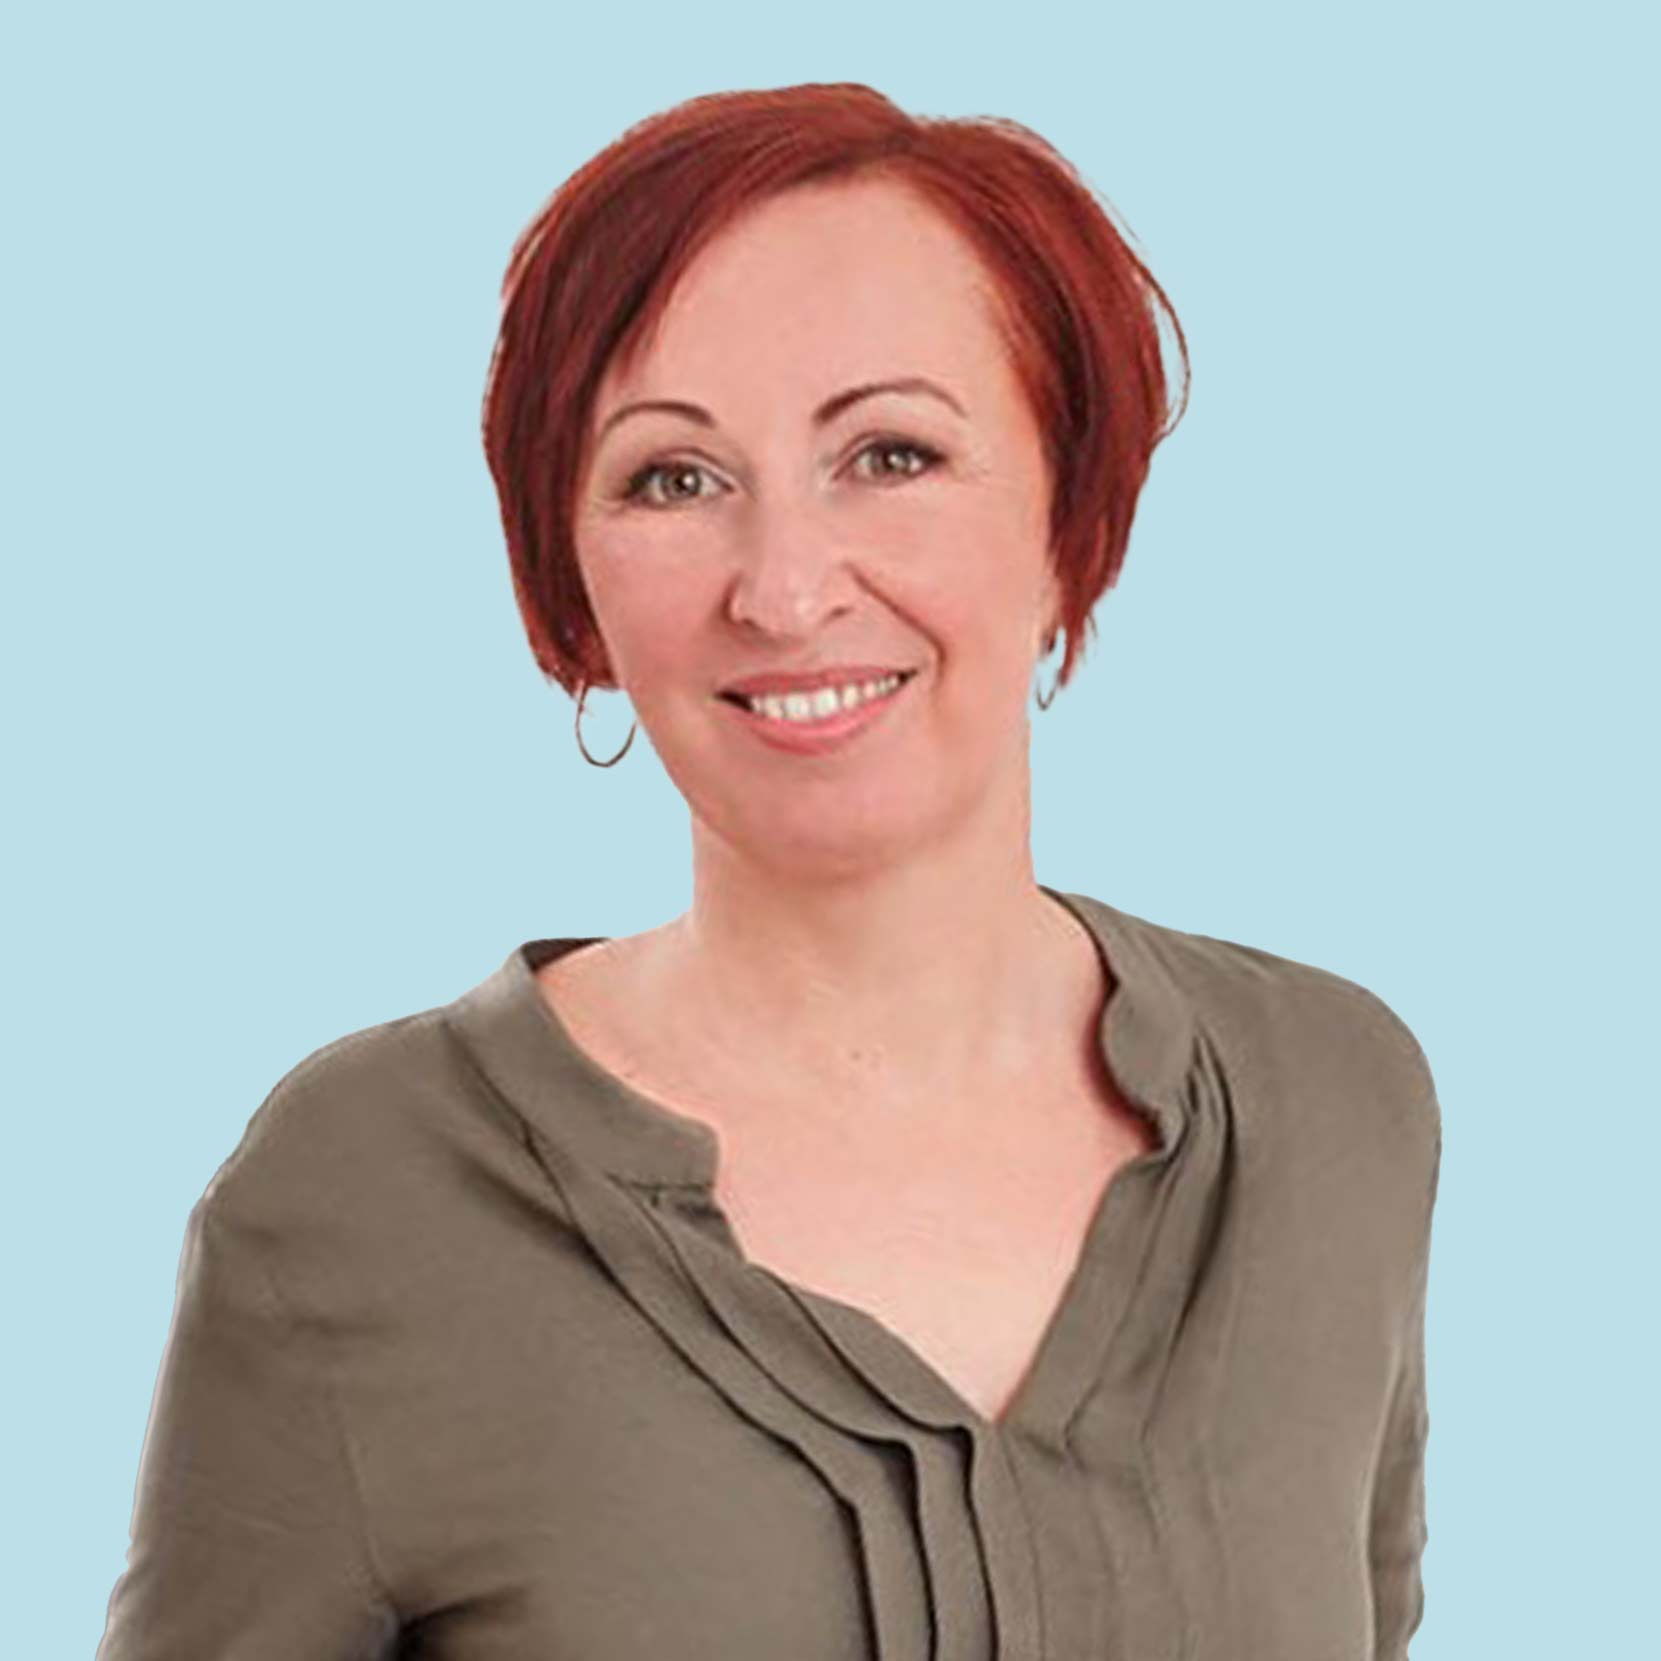 Anne-Kathrin Pflästerer Profilbild